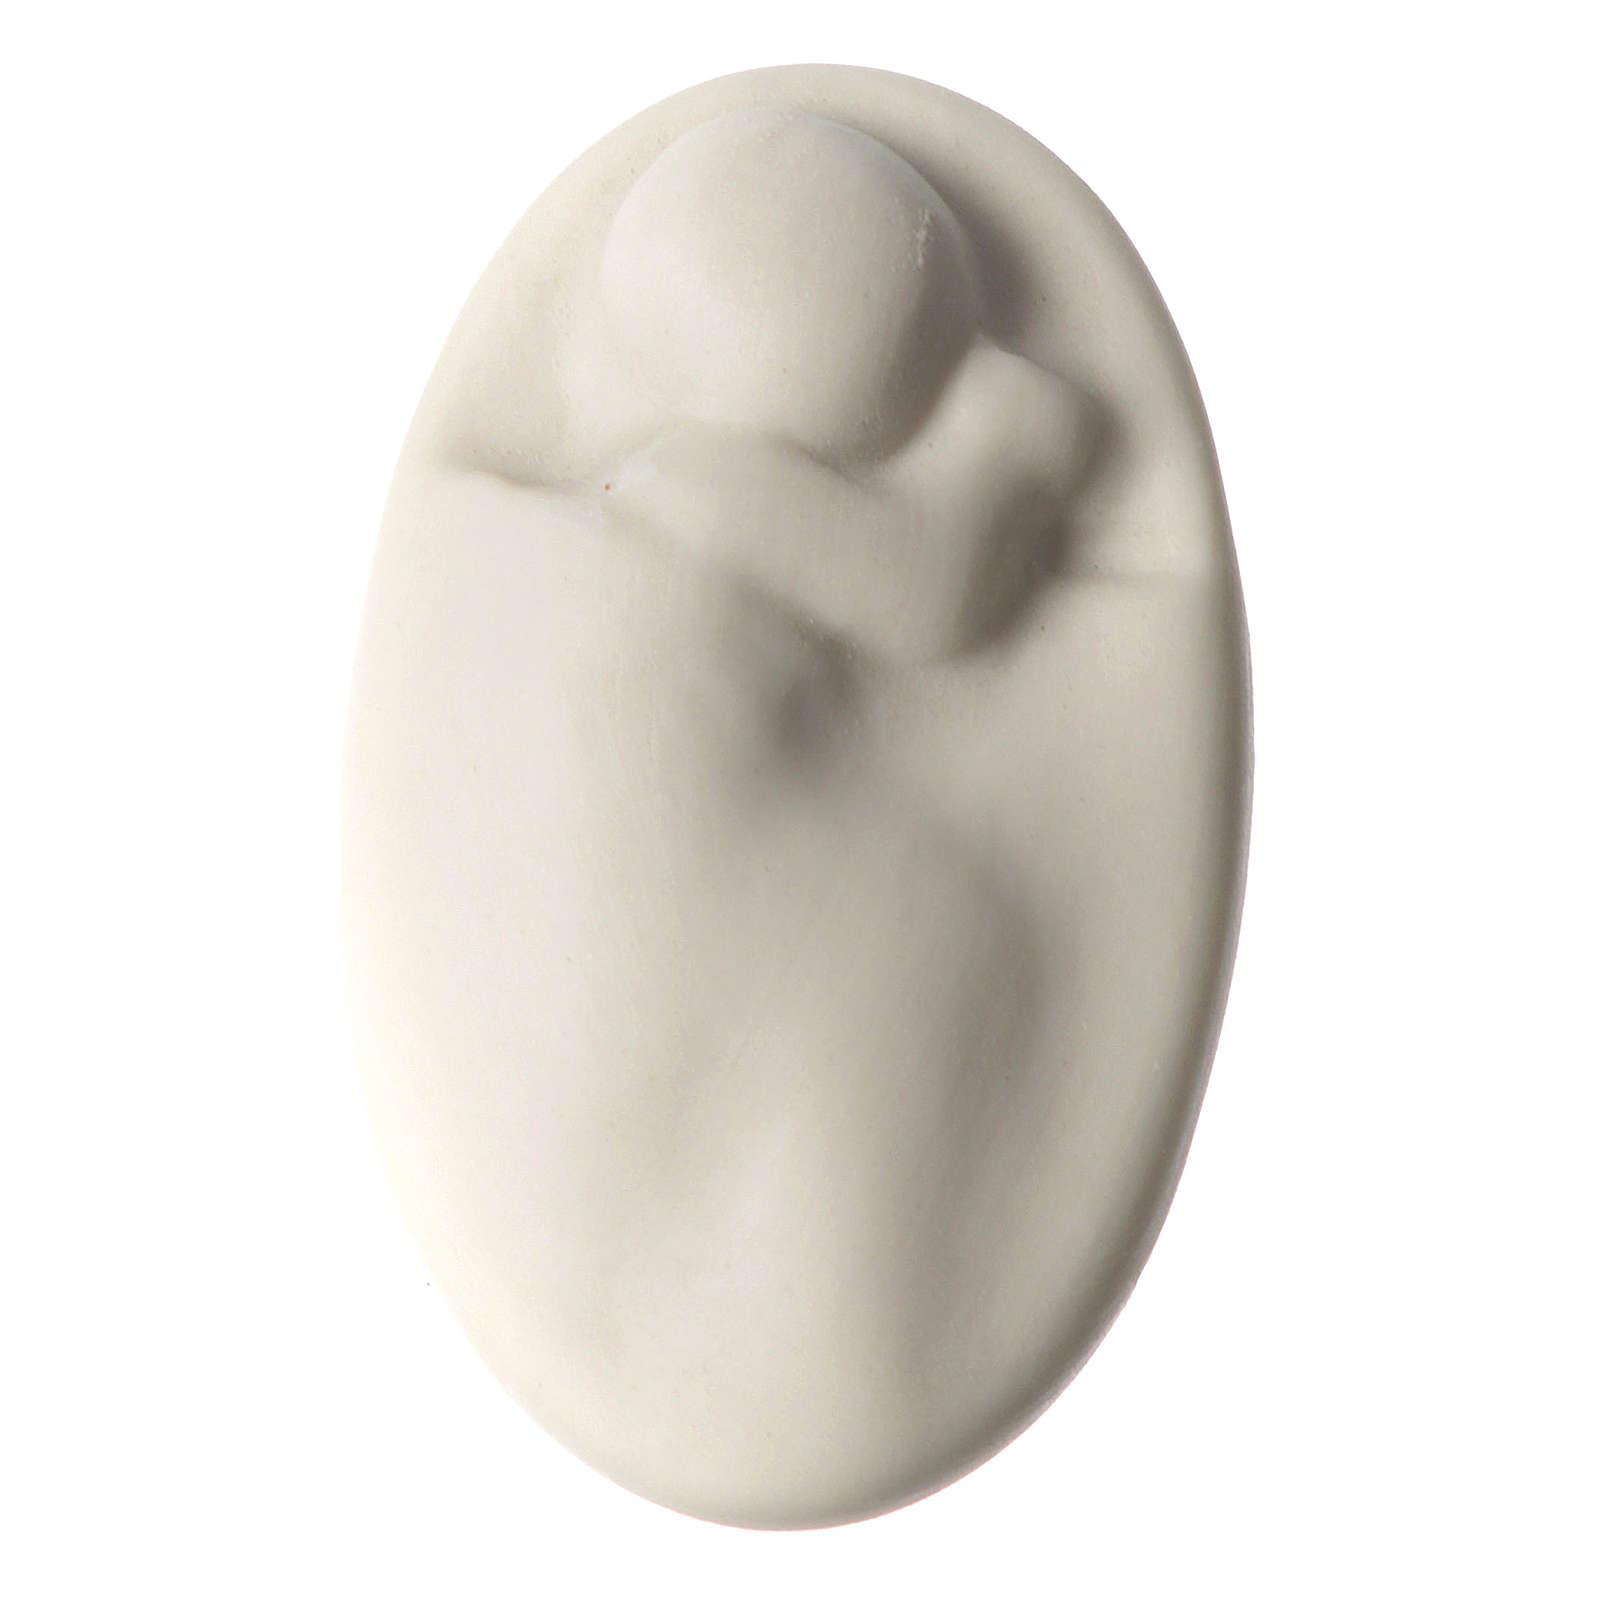 Nativité porcelaine pour crèche 16 cm Pinton 4